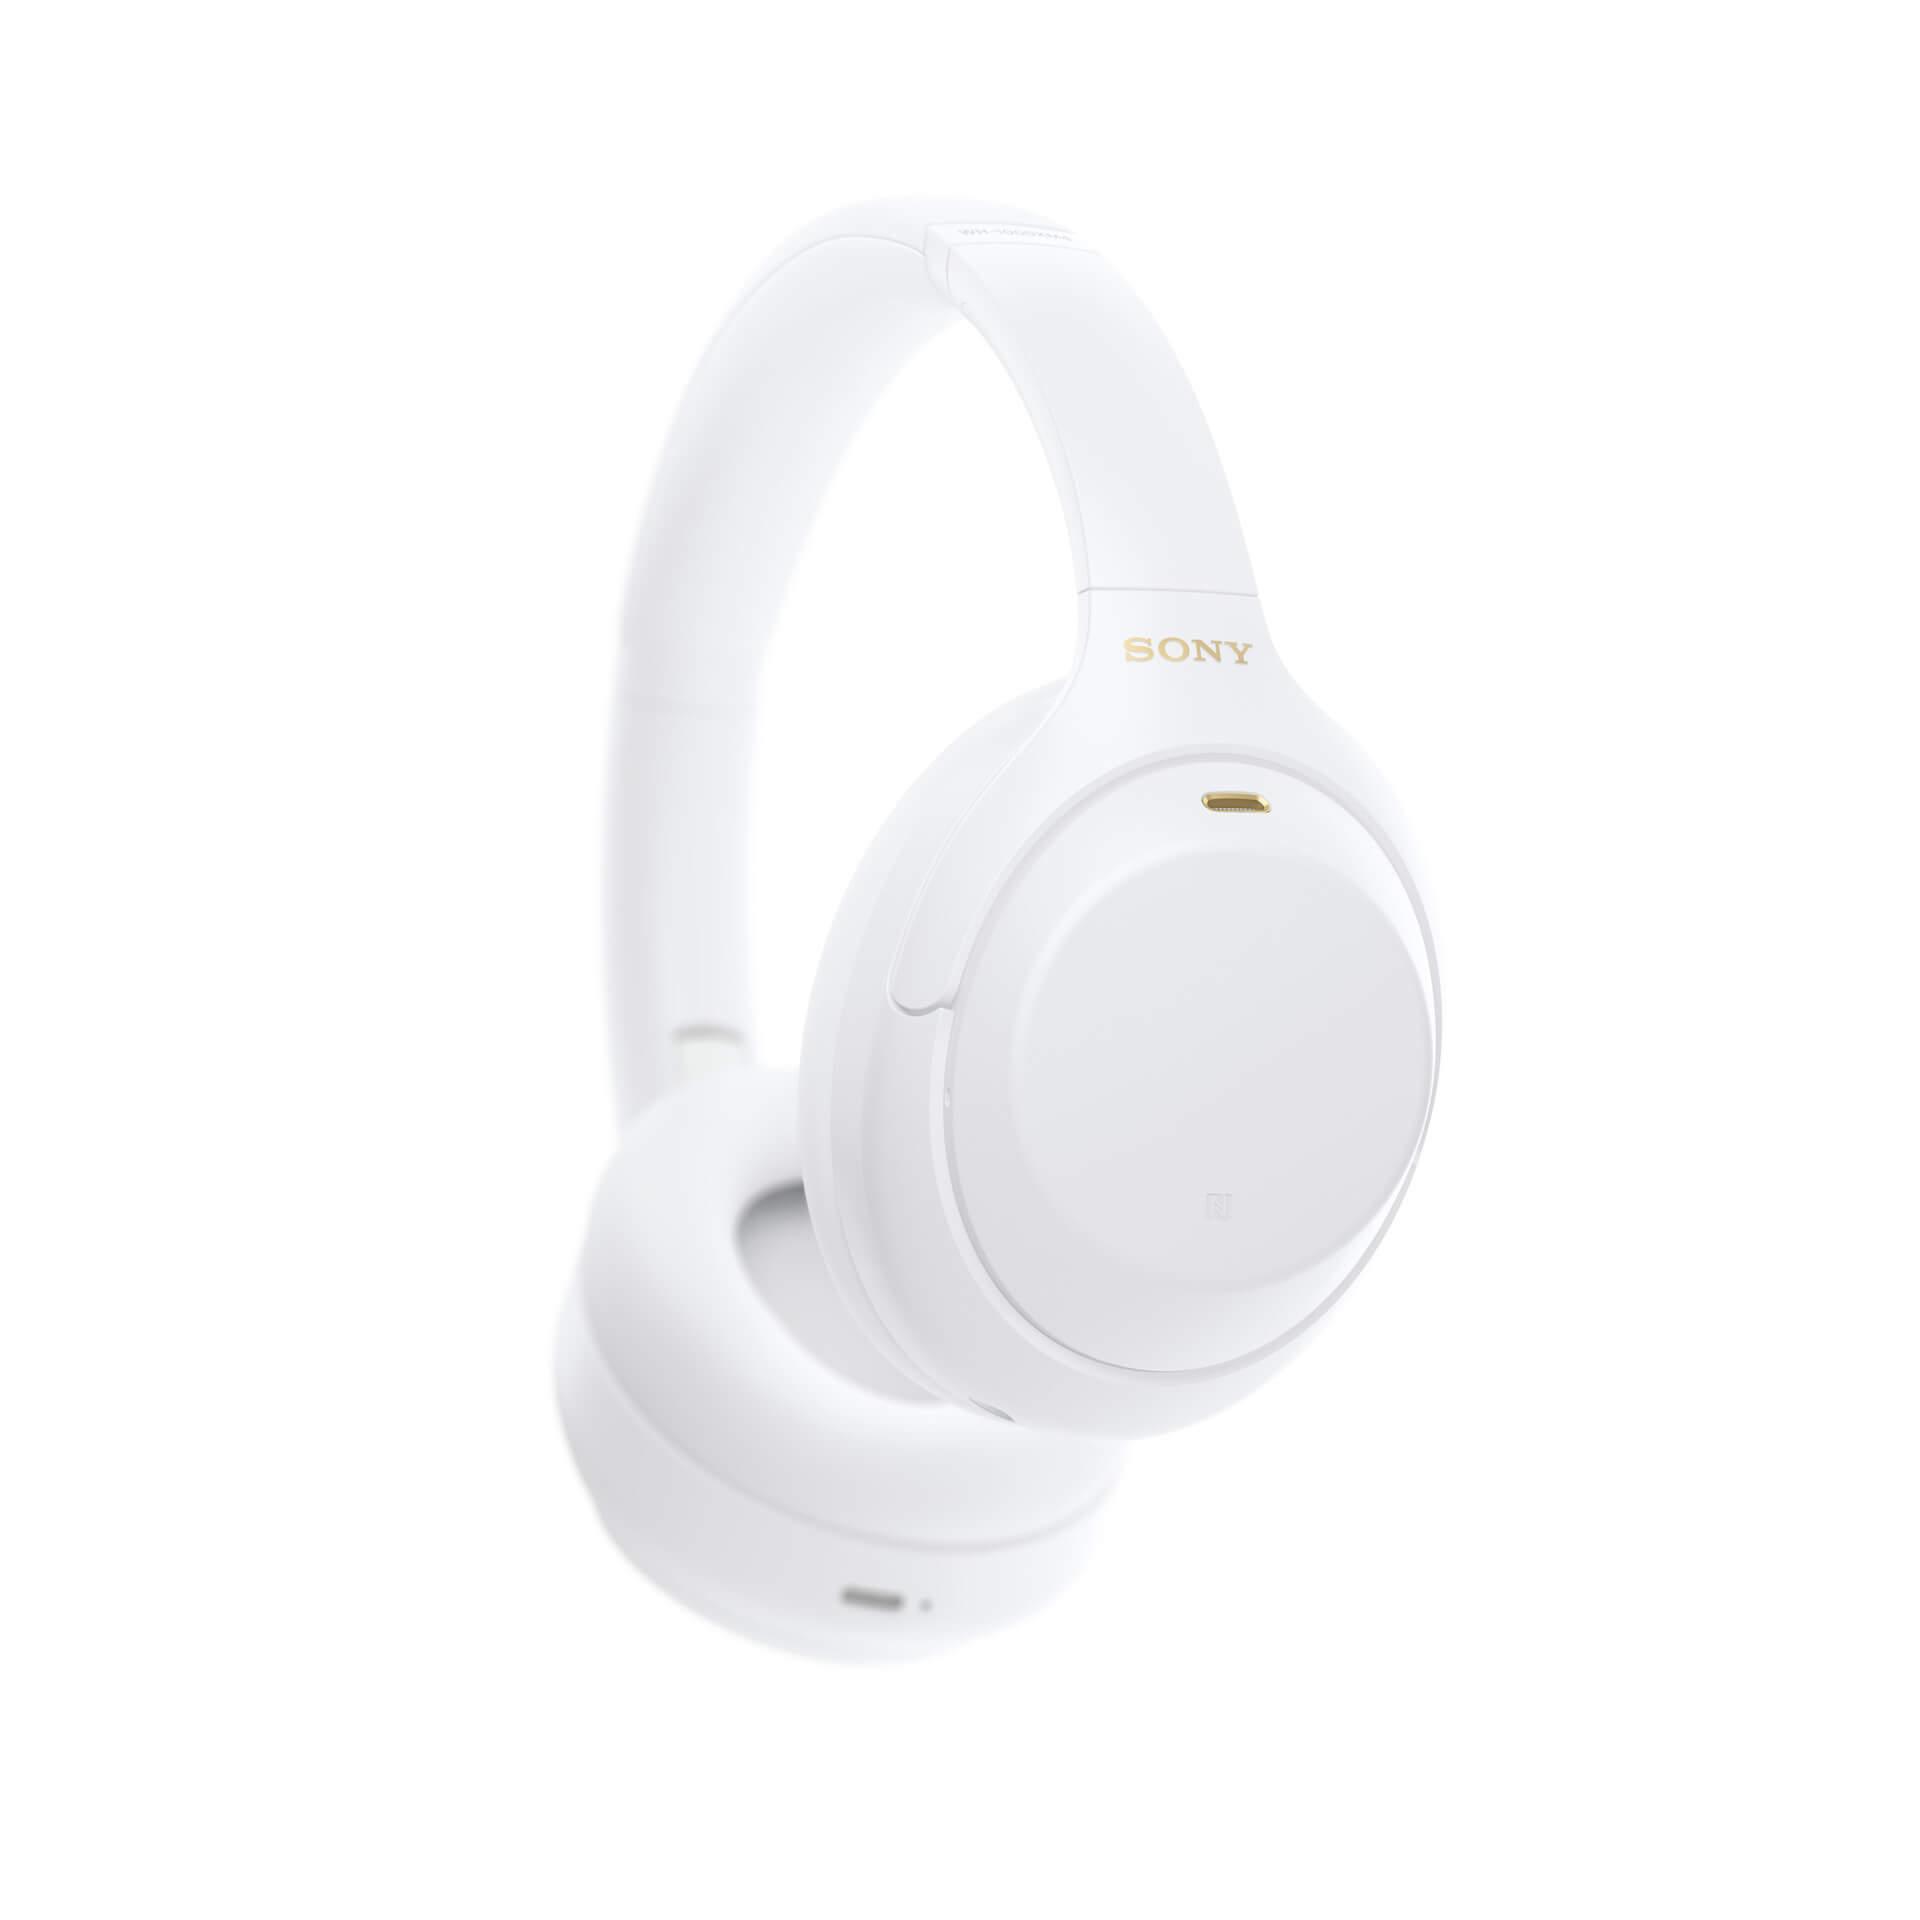 ソニーの大人気ノイズキャンセリングヘッドホン『WH-1000XM4』に限定カラーのサイレントホワイトが登場!LiSAを起用したKVも公開 tech210420_sony_headphone_8